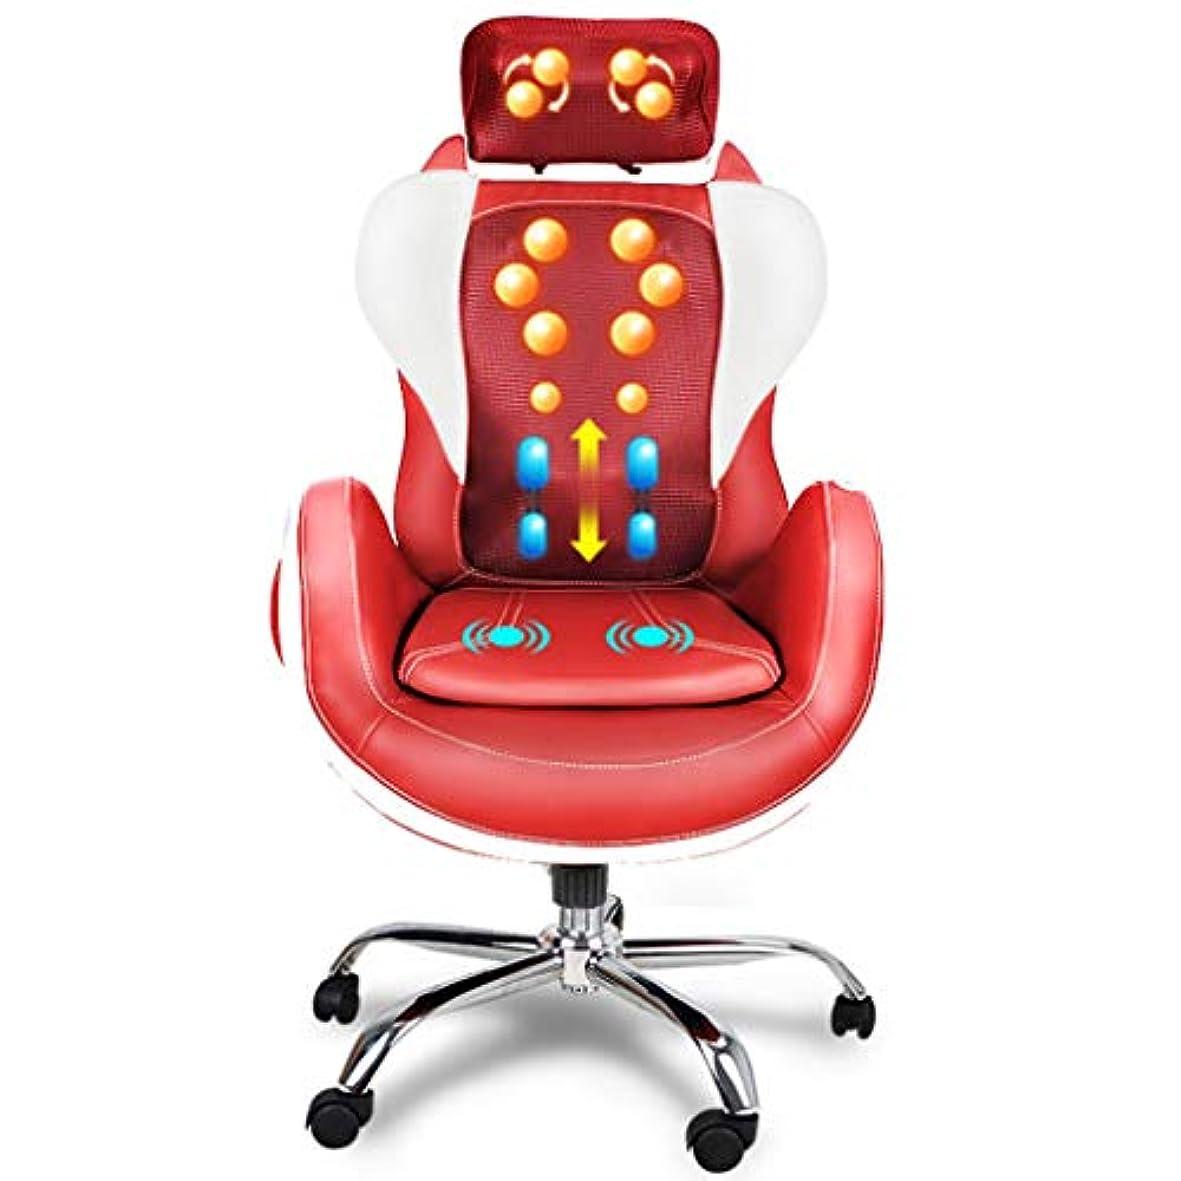 変形するサンダース接続フル 体 ケア 贅沢な 熱 オフィス Eletric マッサージ 椅子 体 マッサージ 椅子 コンピュータチェア 回転椅子 多機能 マッサージ器。 MAG.AL,Red